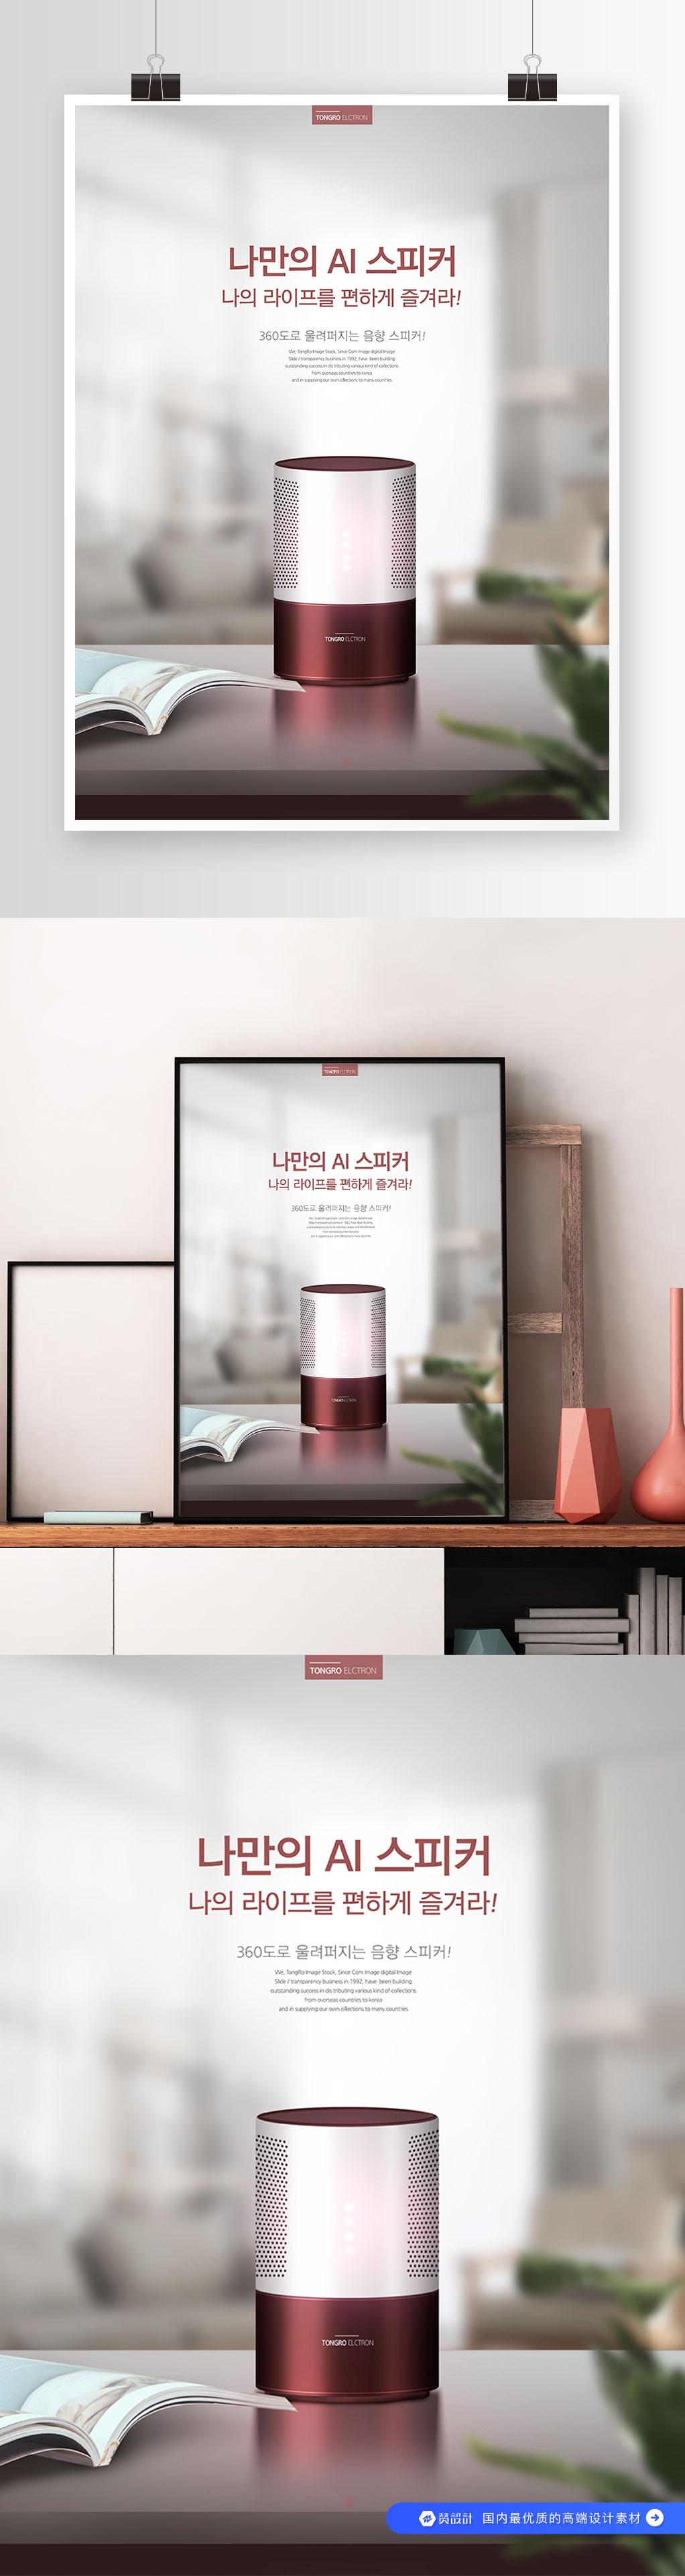 创意唯美空气净化家电器宣传海报